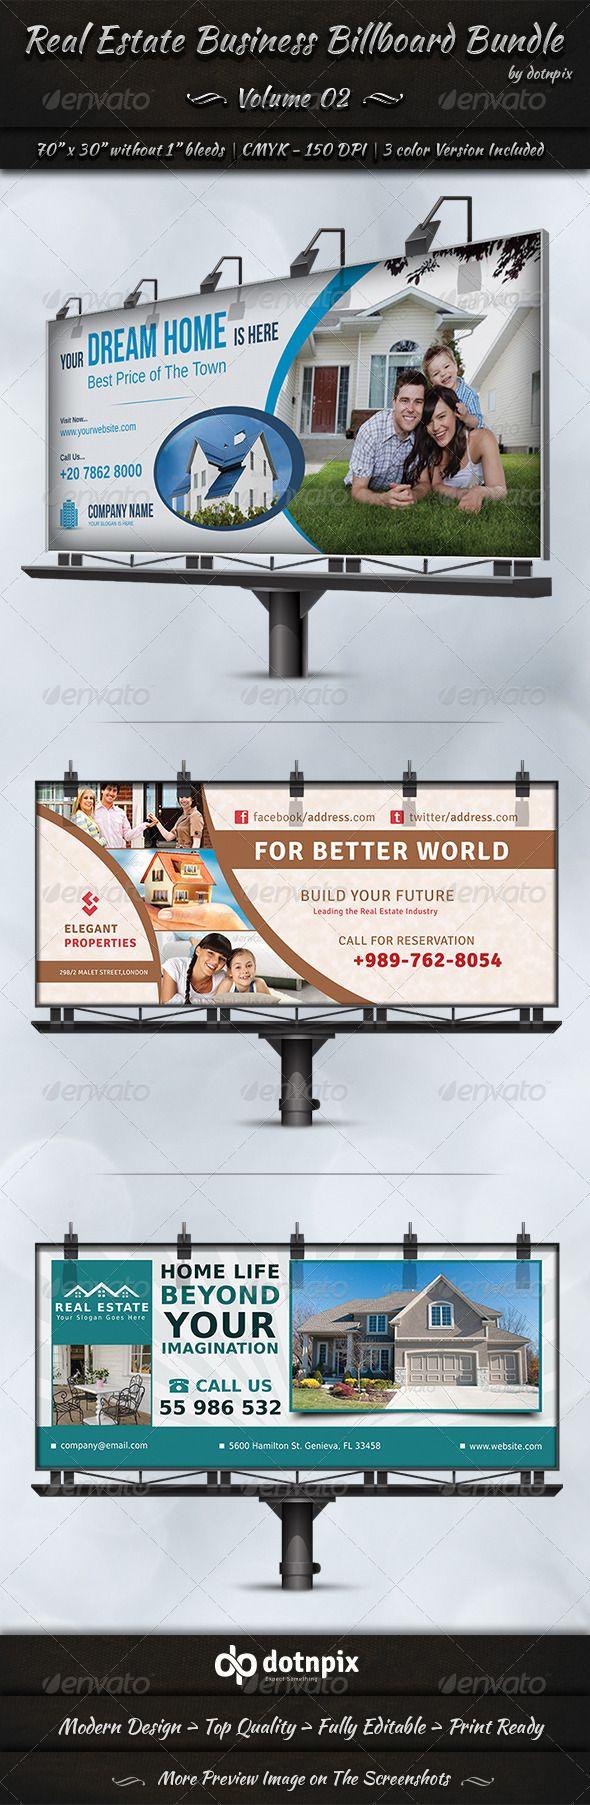 Real Estate Business Billboard Bundle Template #design #ads Download: http://graphicriver.net/item/real-estate-business-billboard-bundle-volume-2/7242083?ref=ksioks